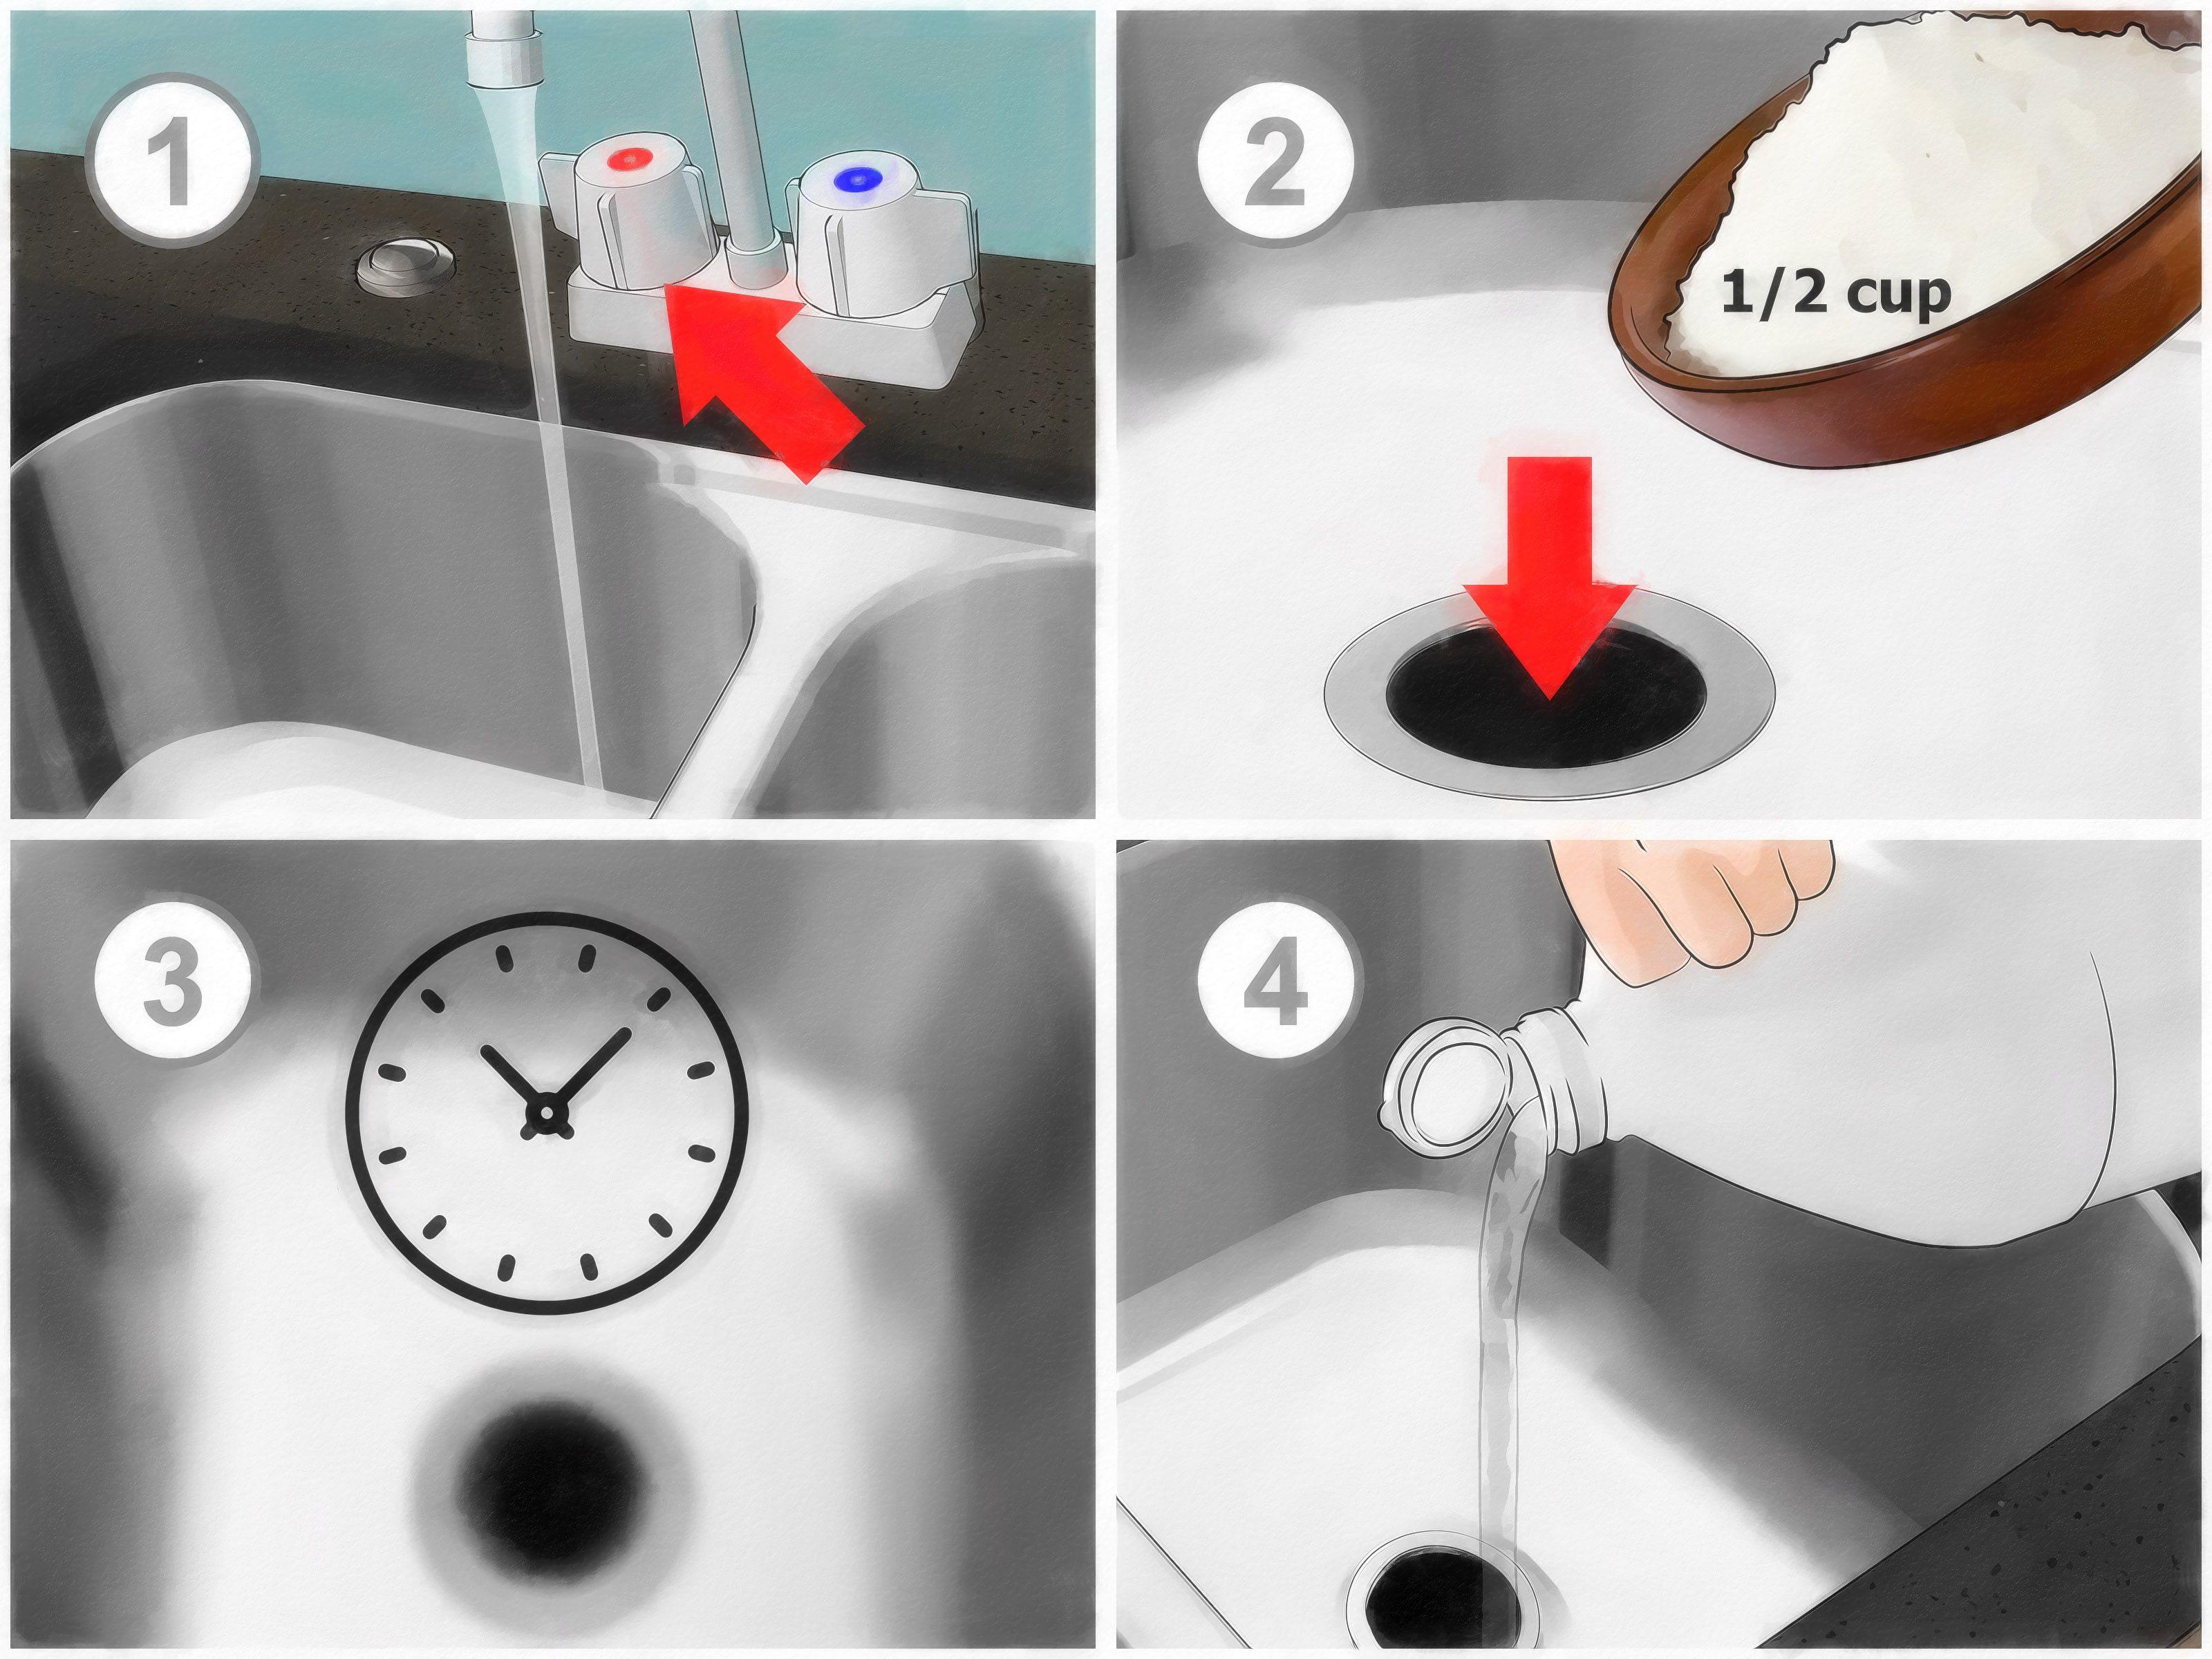 4 ways to unclog a garbage disposal unclog garbage